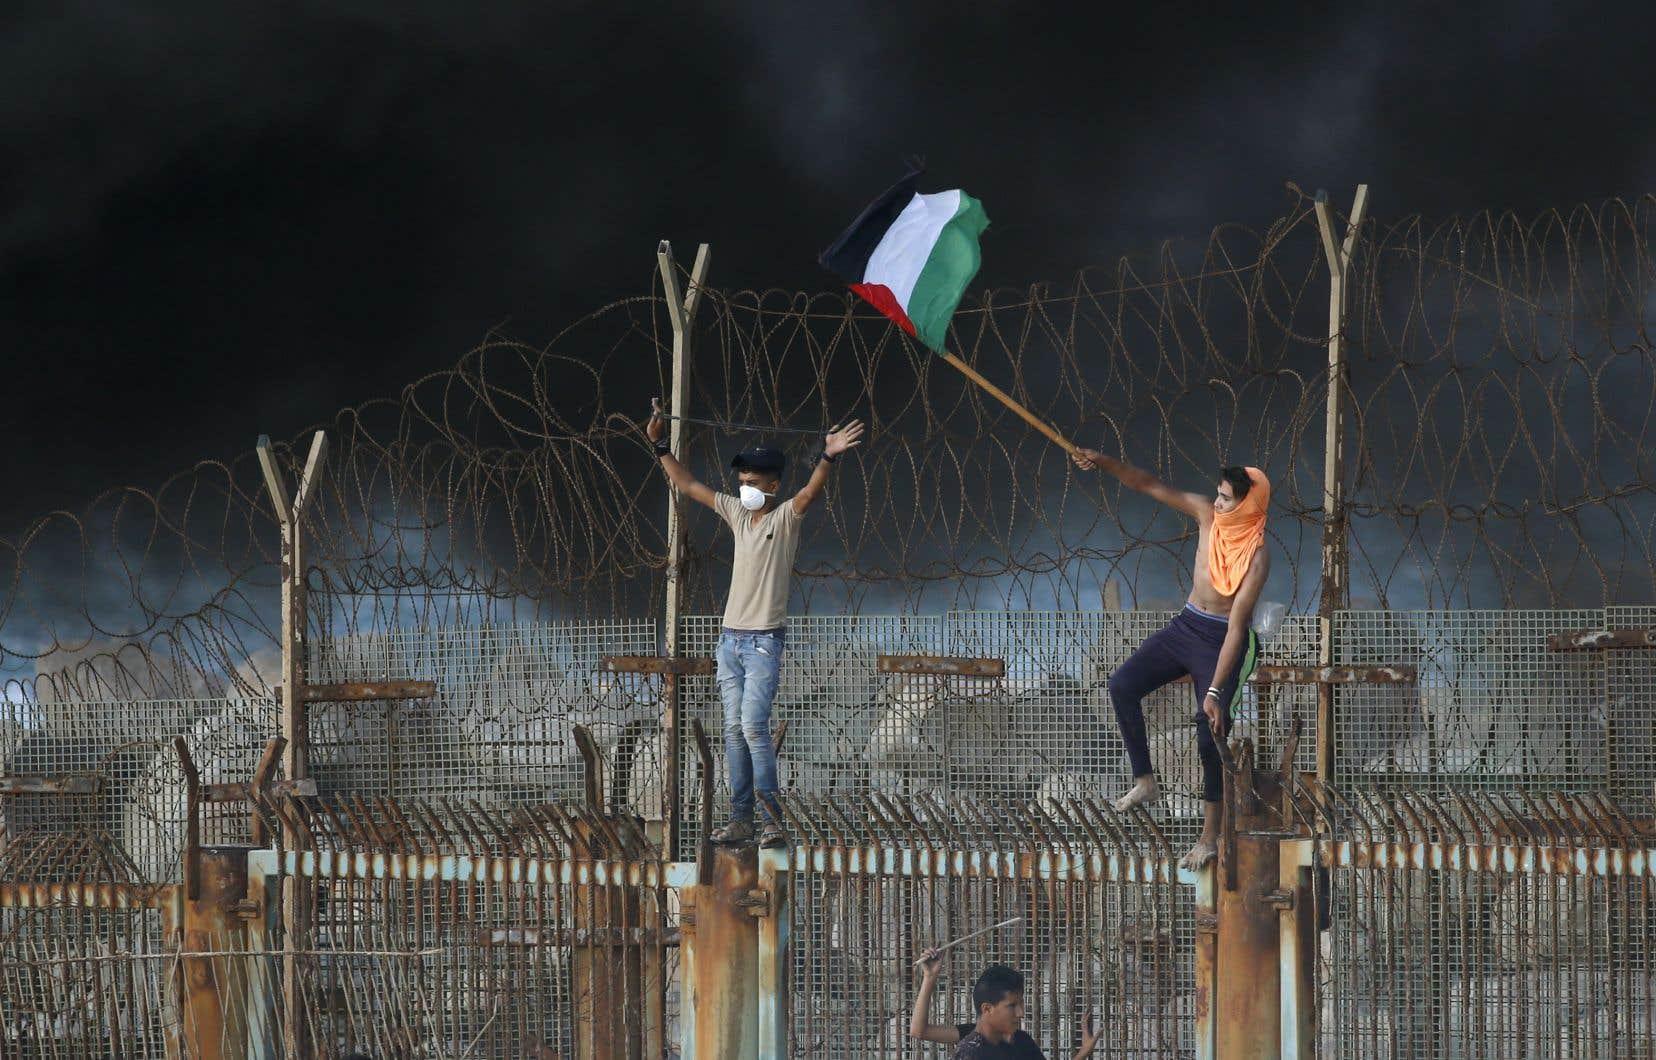 Selon le directeur d'une ONG israélienne, «la bande de Gaza, où vivent deux millions de personnes, est une prison à ciel ouvert».